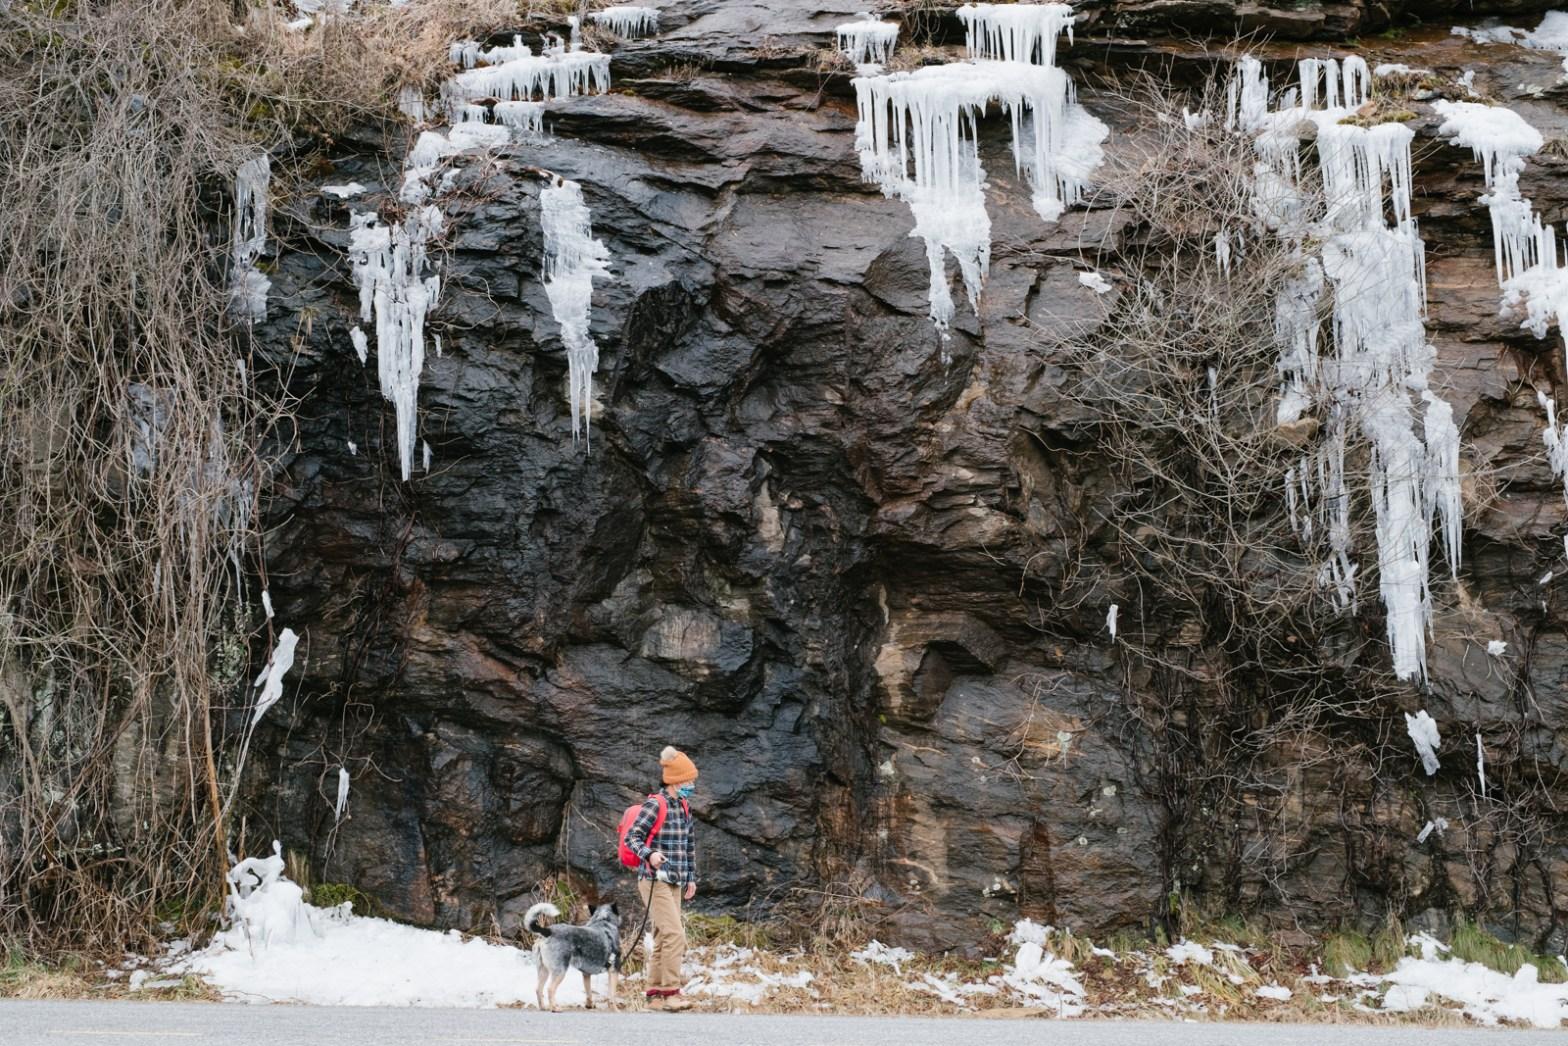 Erin McGrady walking on the Blue Ridge Parkway near Asheville in the winter.